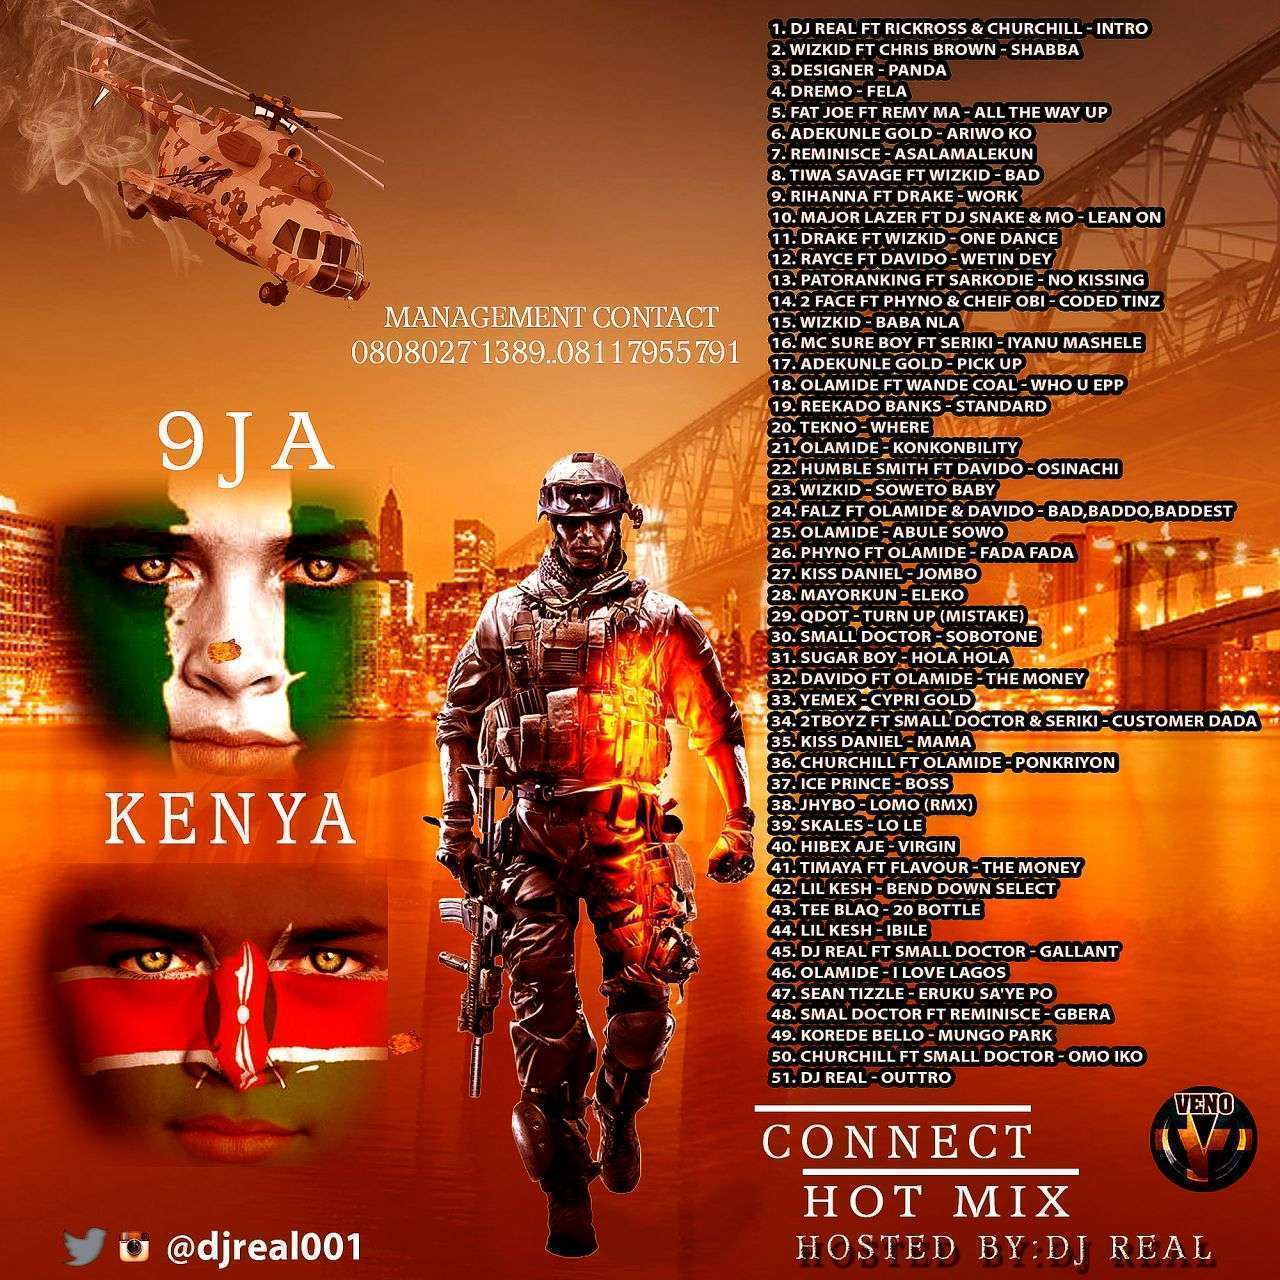 DJ MIX: DJ Real - Naija and Kenya Connect Mixtape